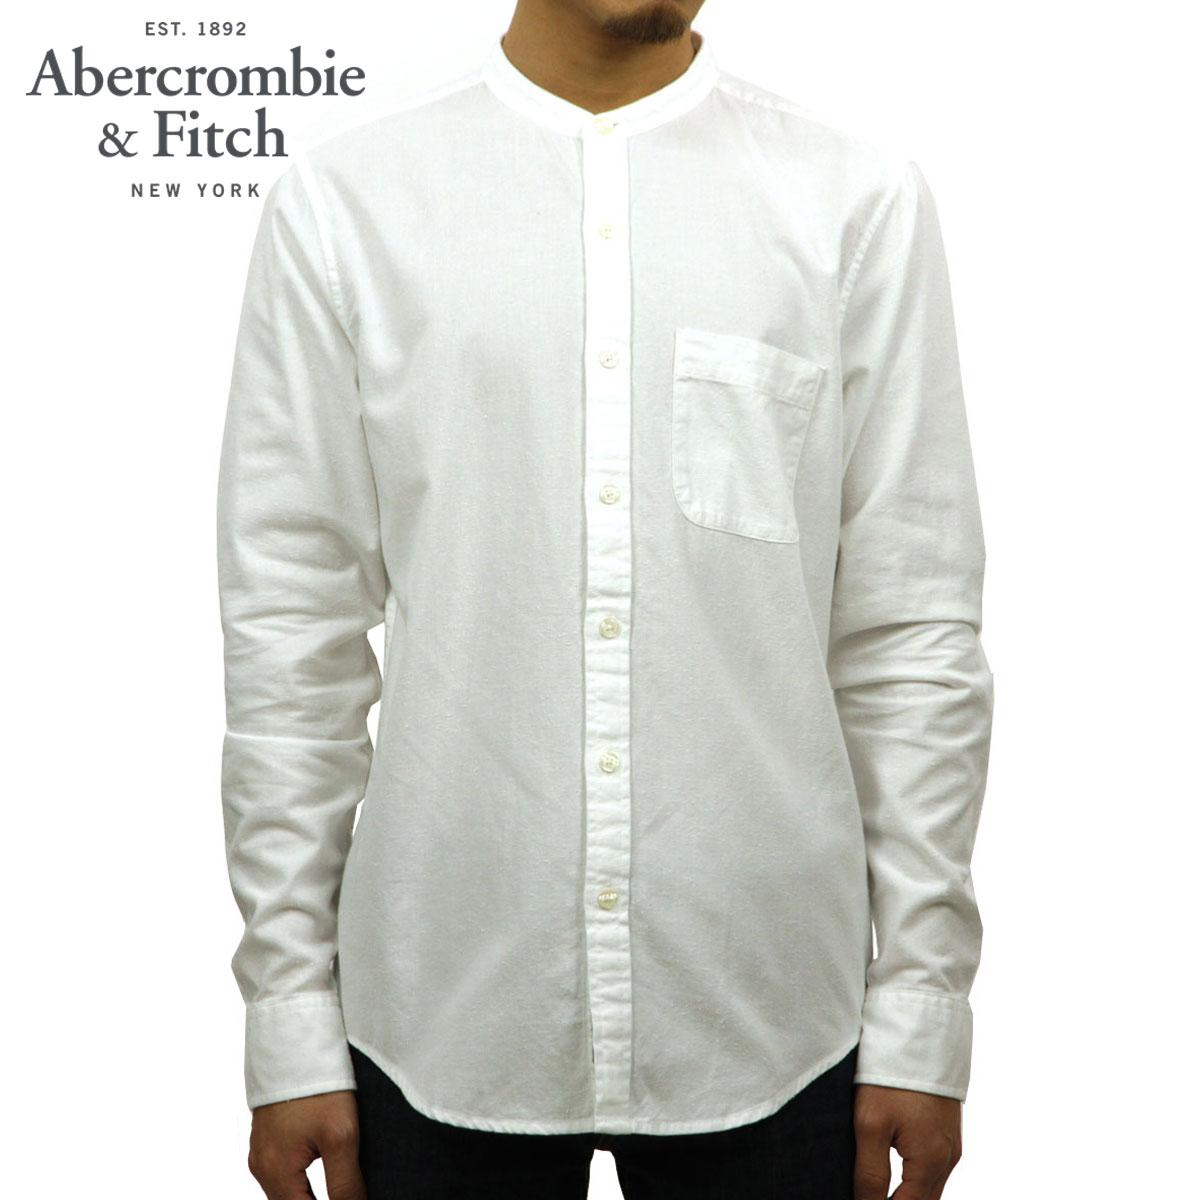 アバクロ Abercrombie&Fitch 正規品 メンズ 長袖シャツ Band Collar Nep Shirt 125-168-2223-100 D00S20